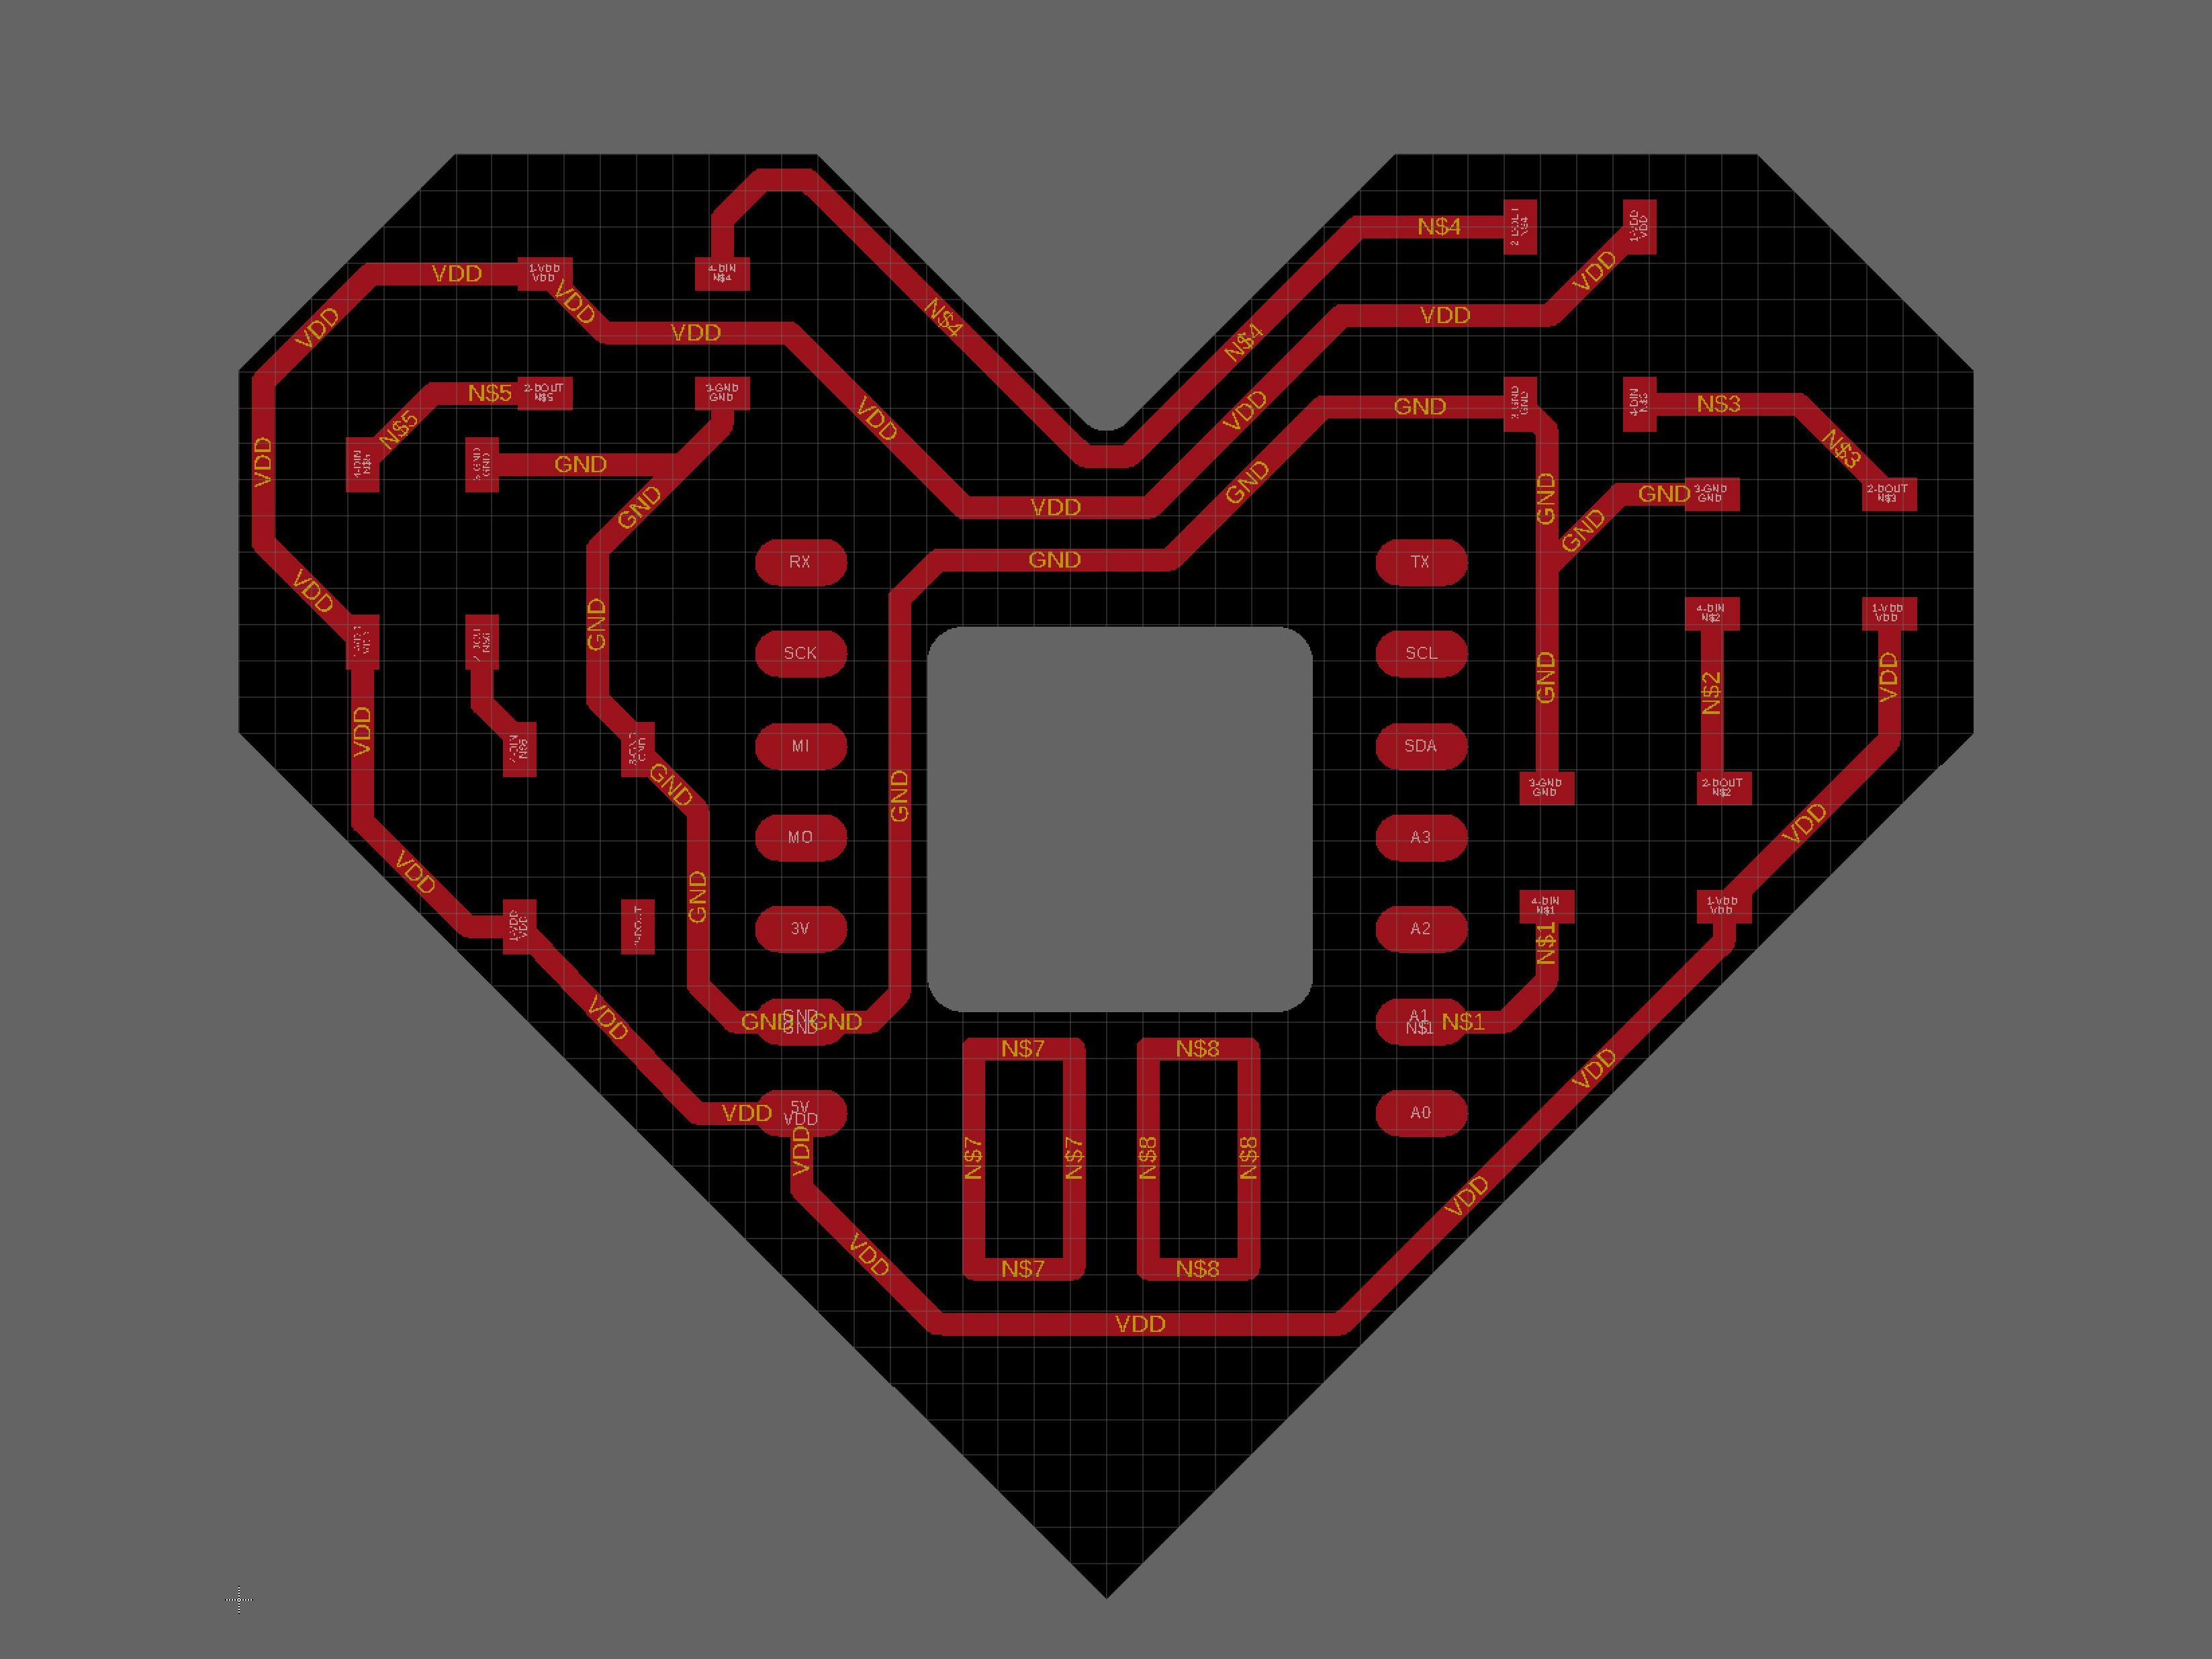 led_pixels_heart-traces.jpg